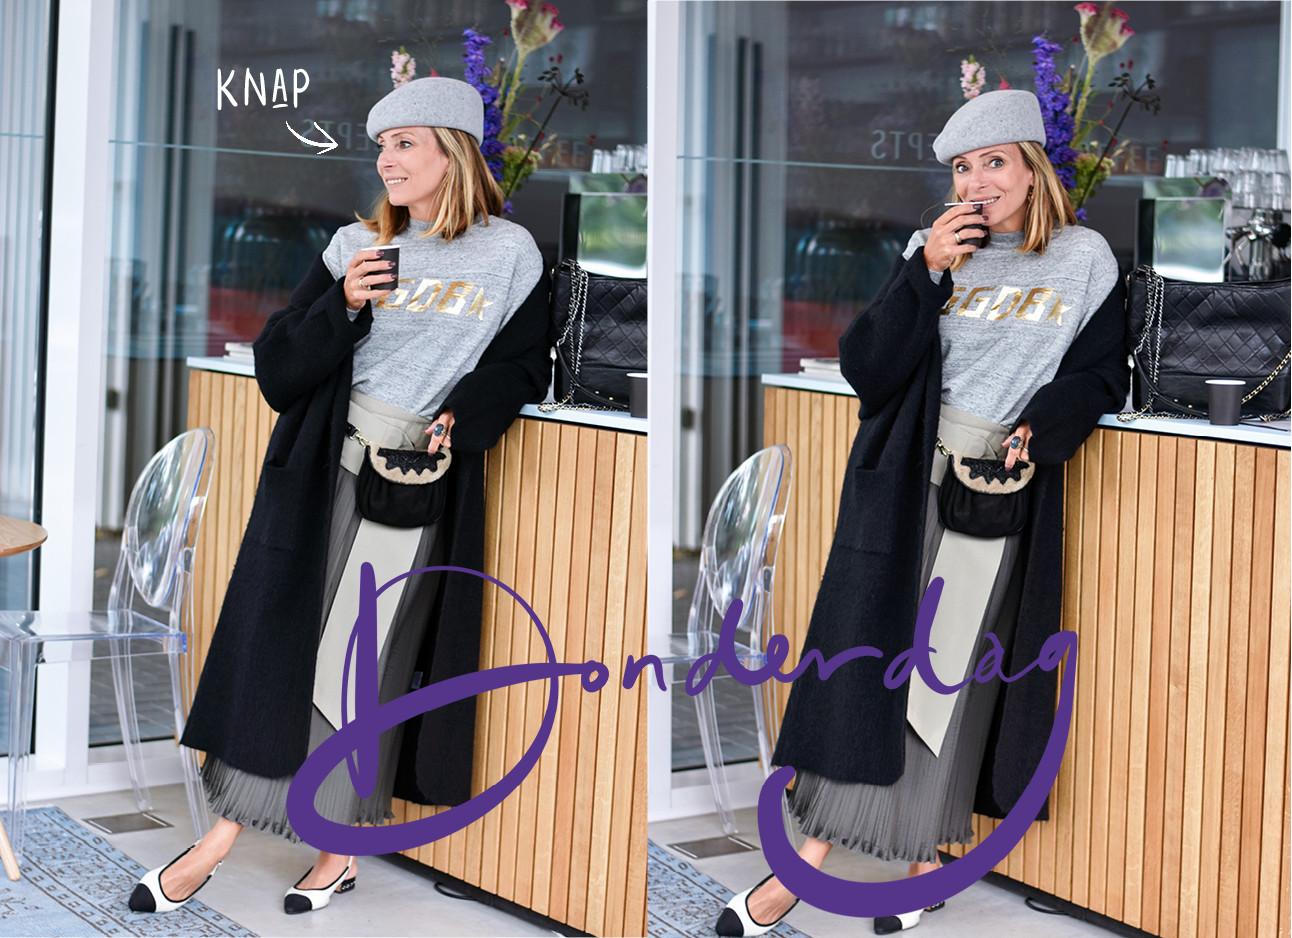 Op de foto staat May-britt in een outfit van Pauw